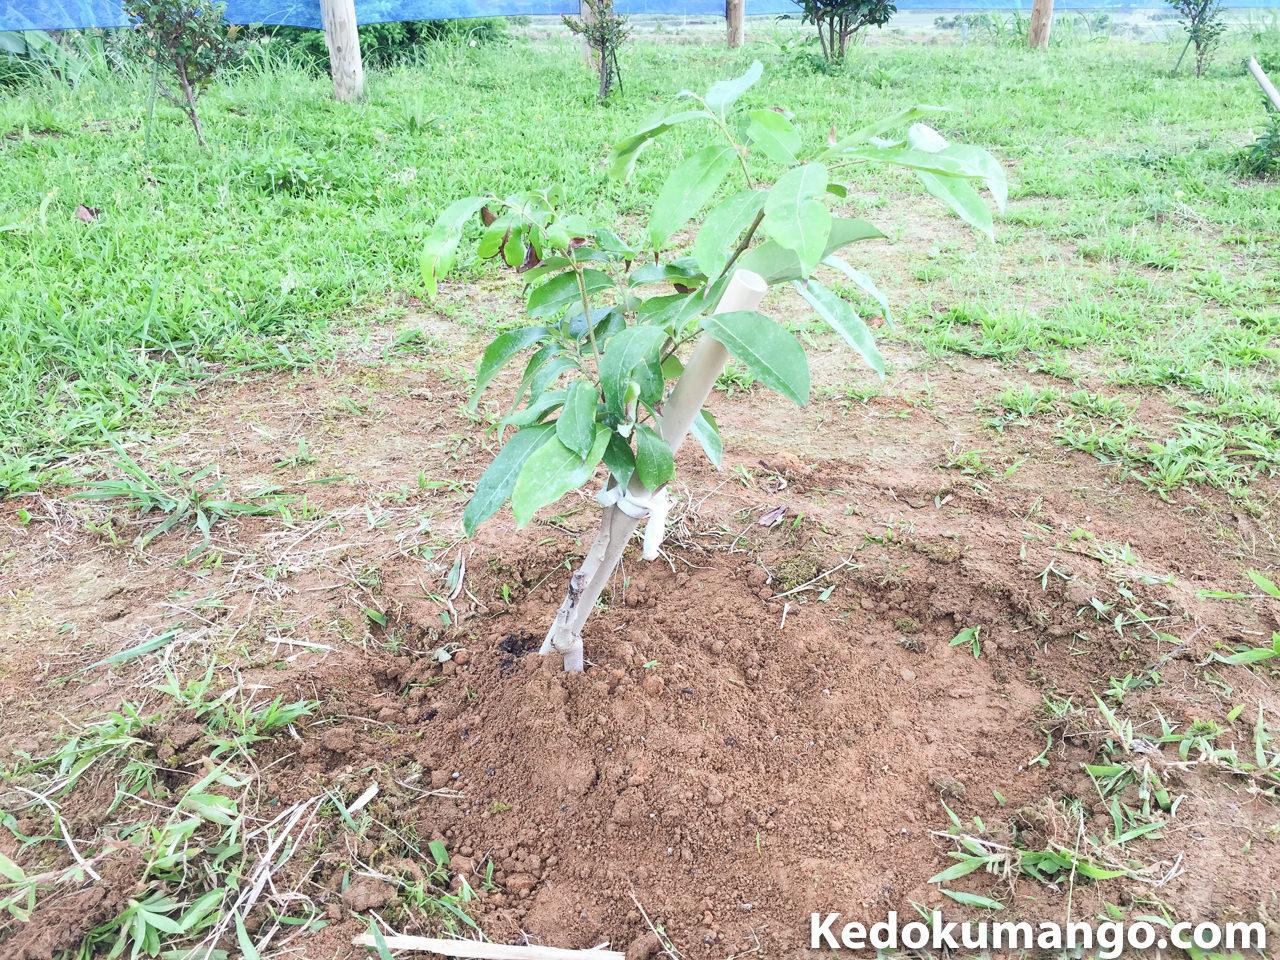 南国「徳之島」で、楊貴妃も愛した「レイシ(ライチ)」の栽培に挑戦するぞ! | 花徳マンゴー